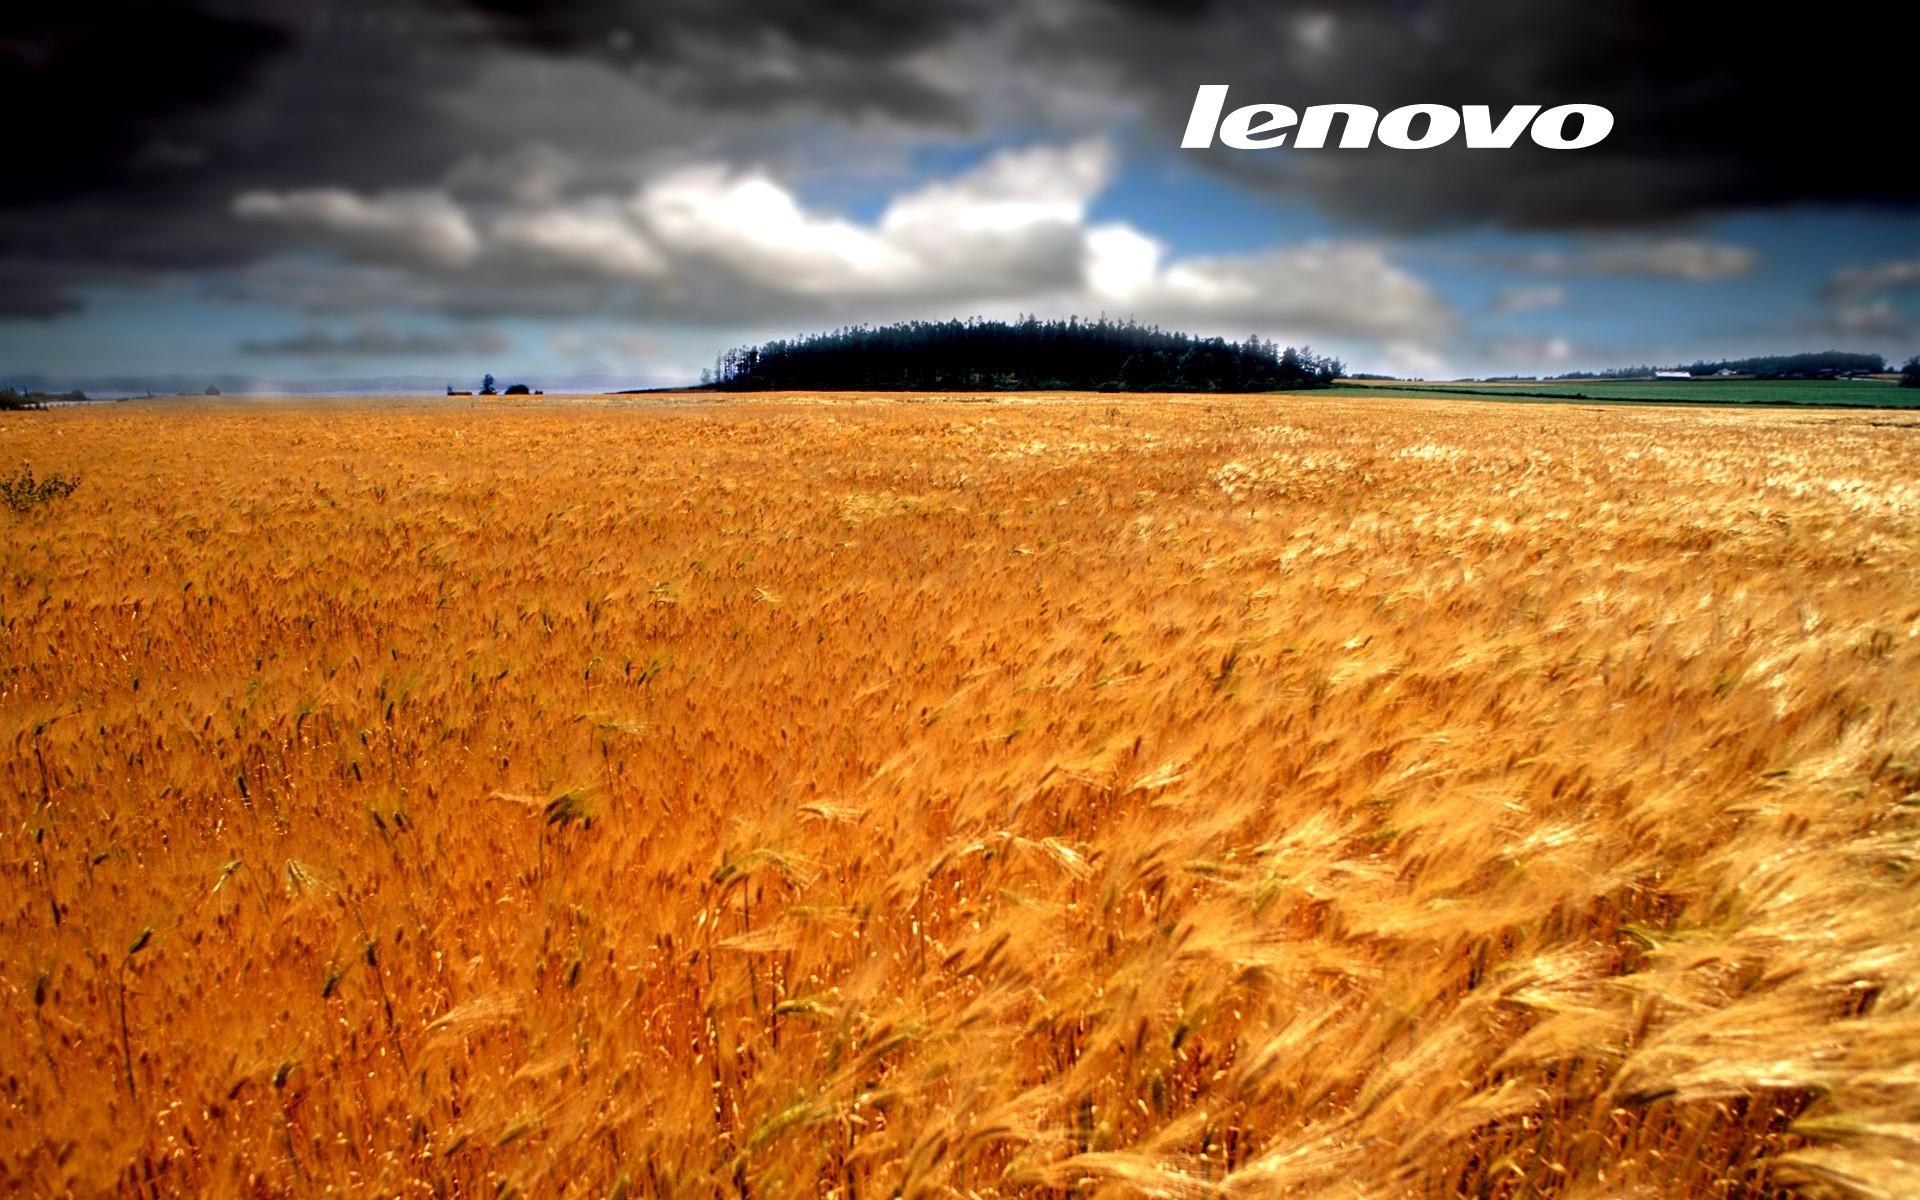 Res: 1920x1200, IBM ThinkPad Lenovo wallpaper